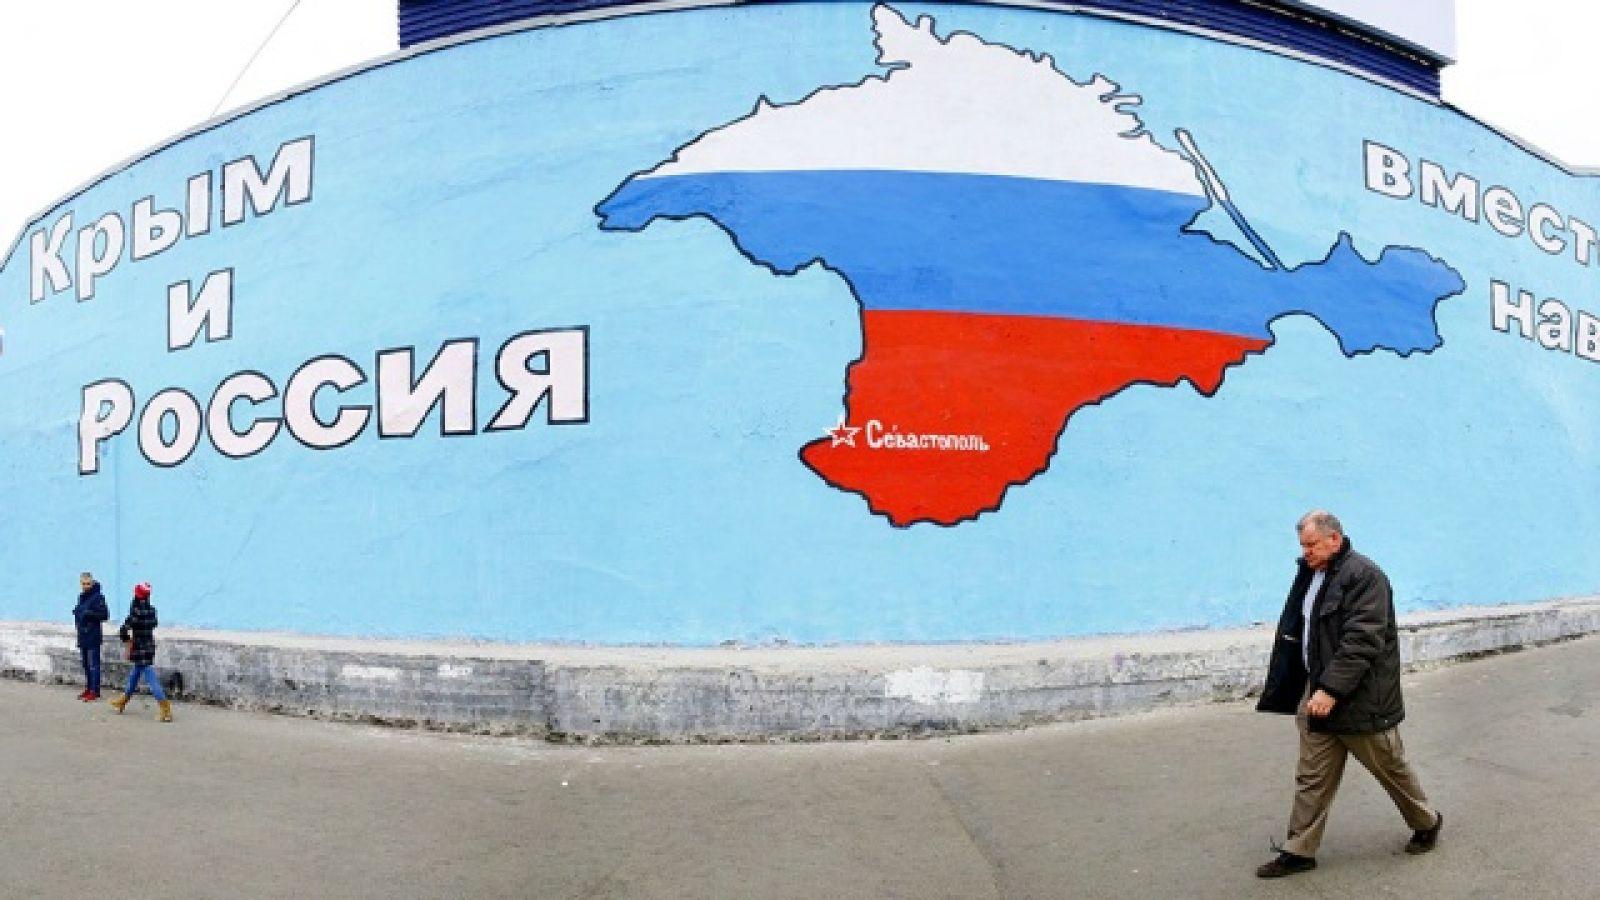 Опрос: 69% украинцев считают, что Крым должен быть всоставе Украинского государства